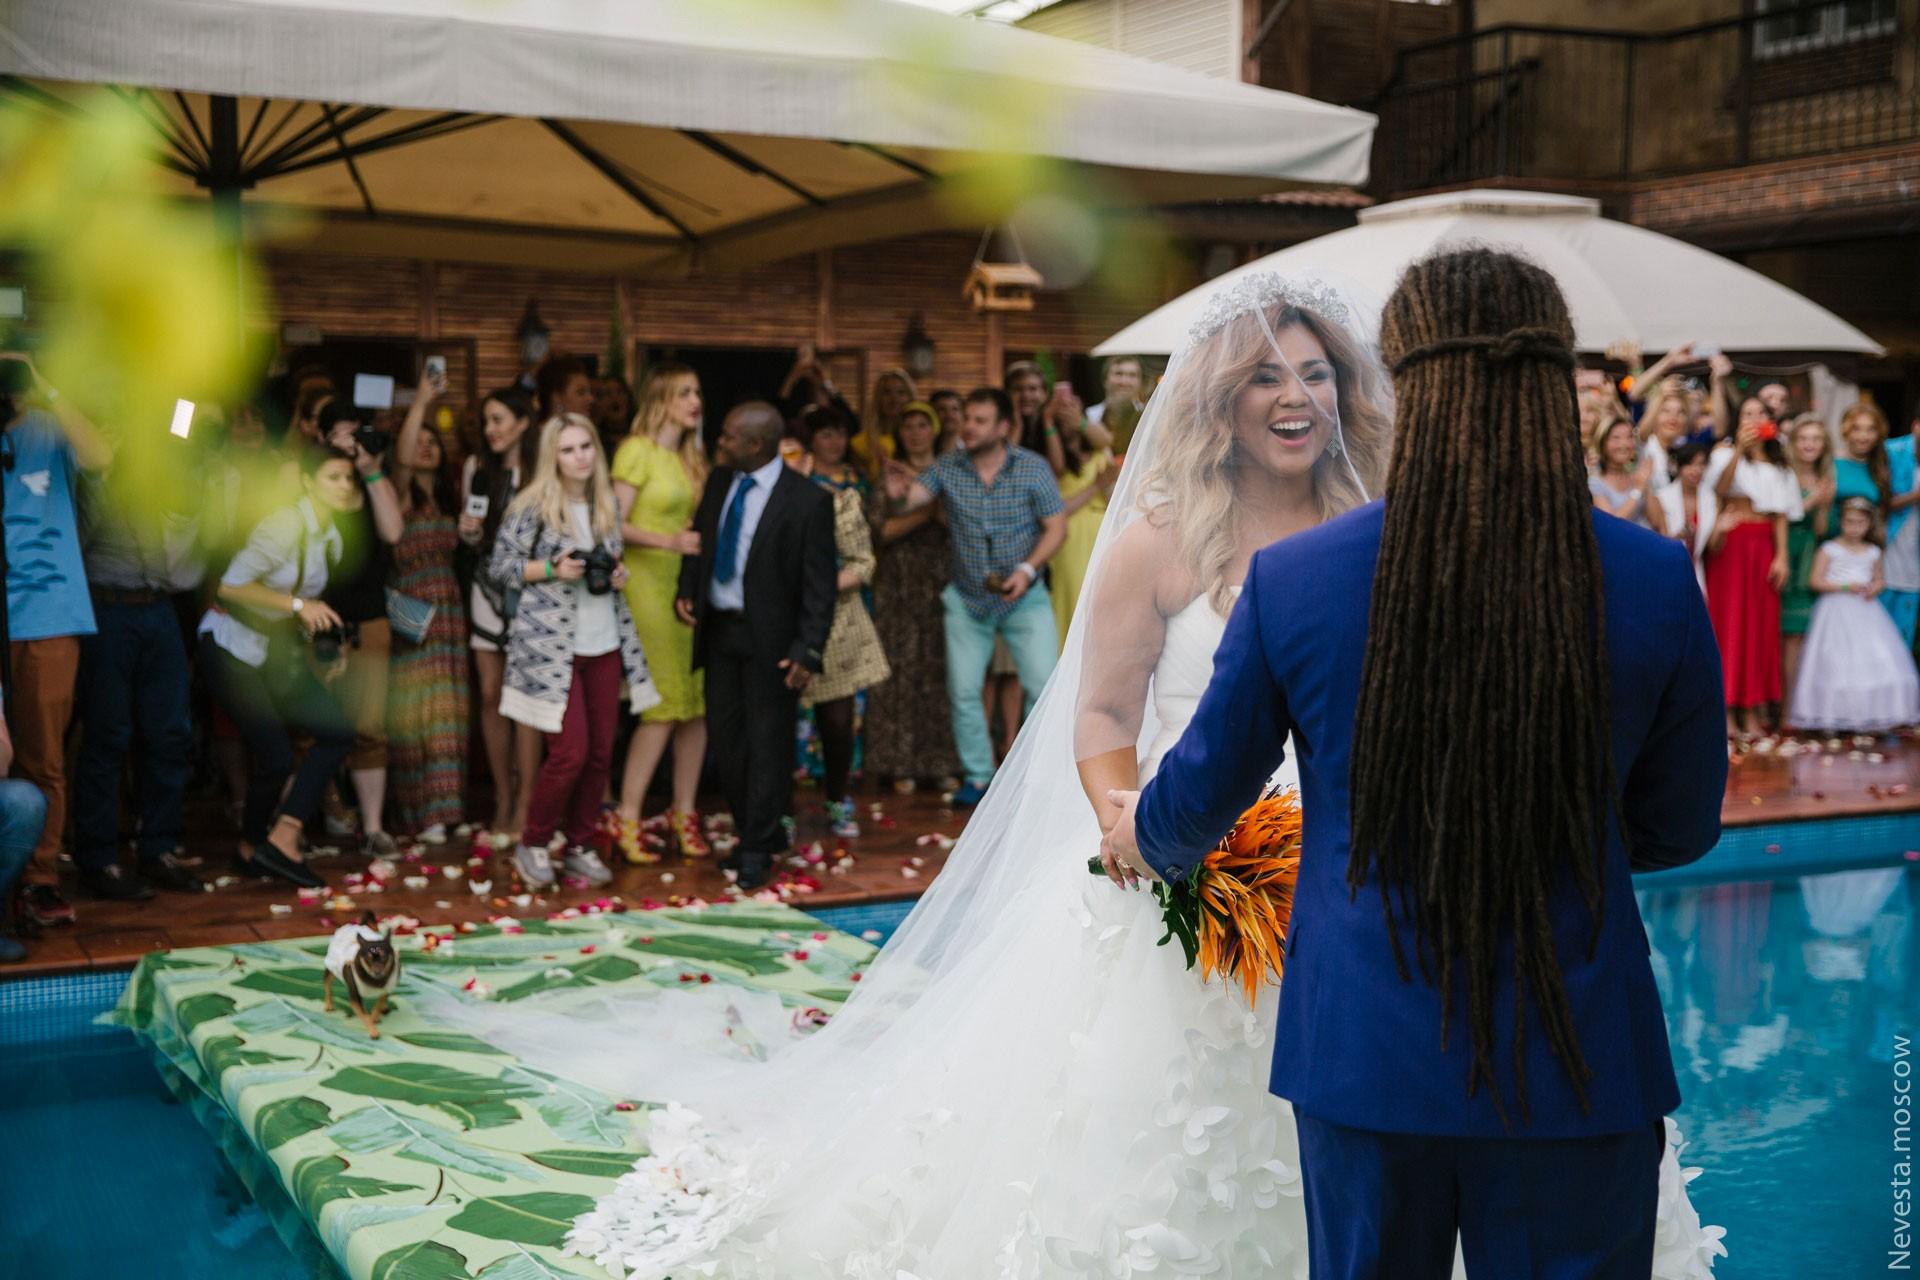 Экзотическая Ямайка. Свадьба Корнелии Манго и Богдана Дюрдя фото 27